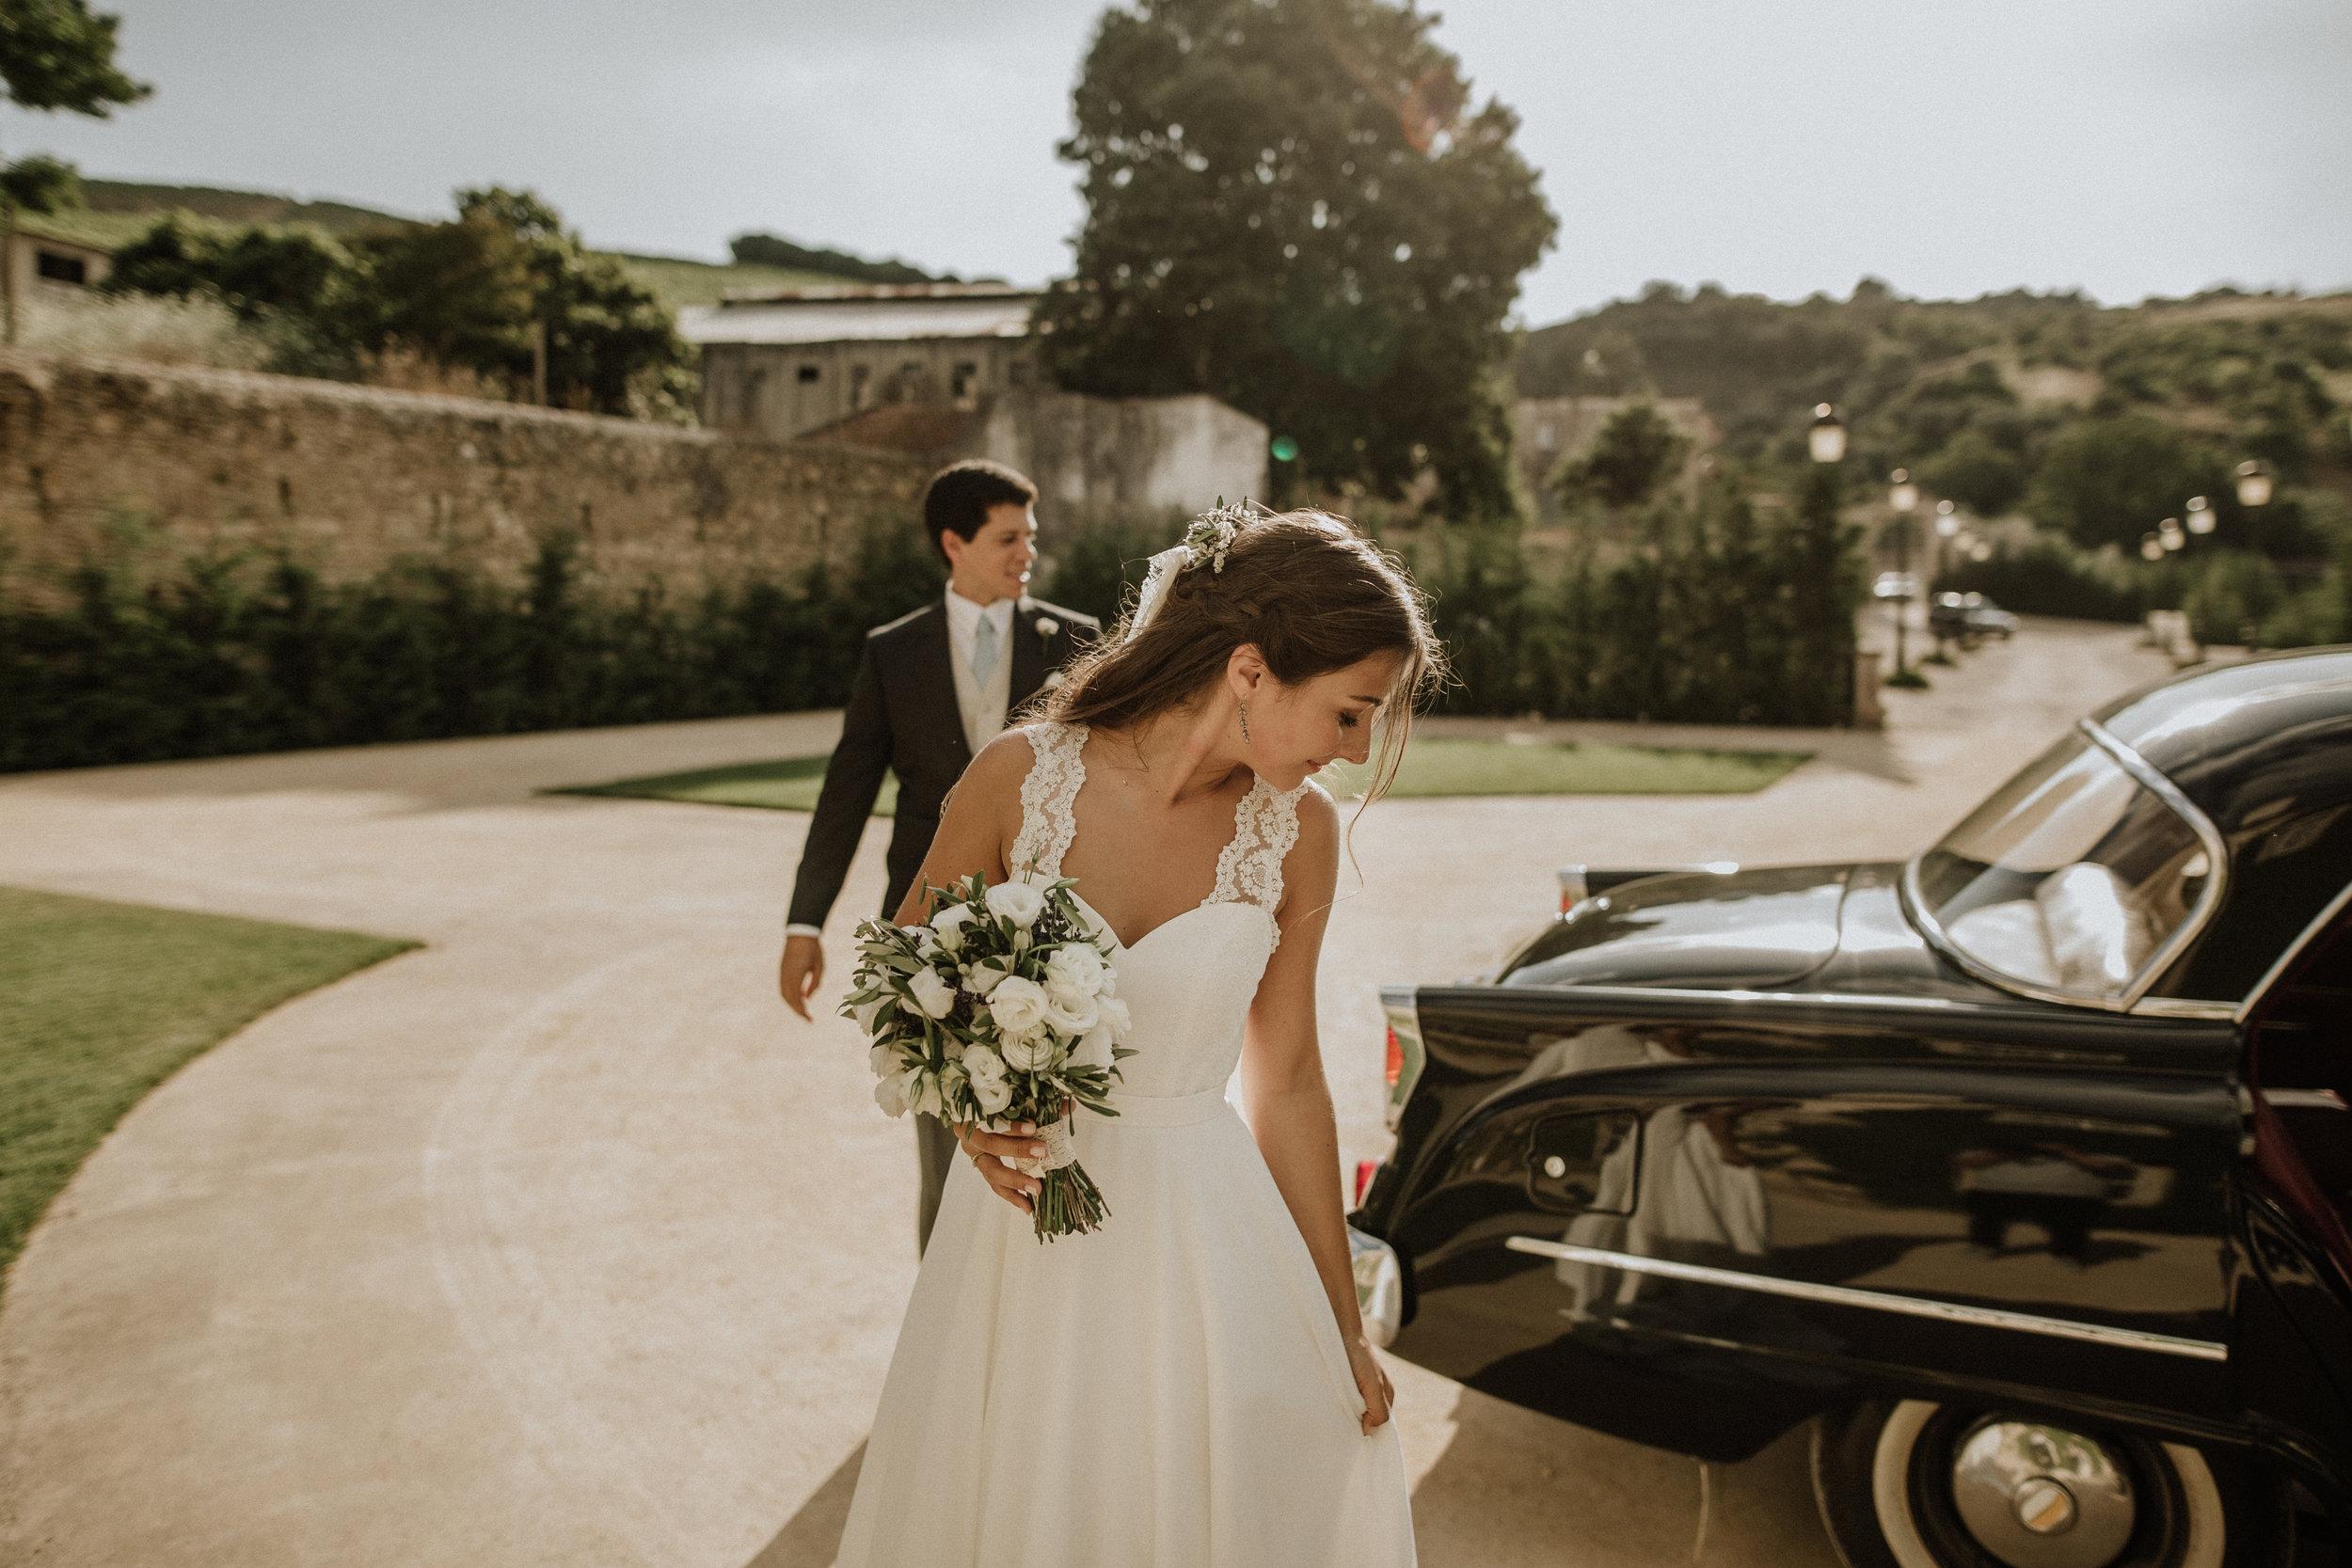 I&J_454_ 14_julho_2018 WEDDING DAY.jpg